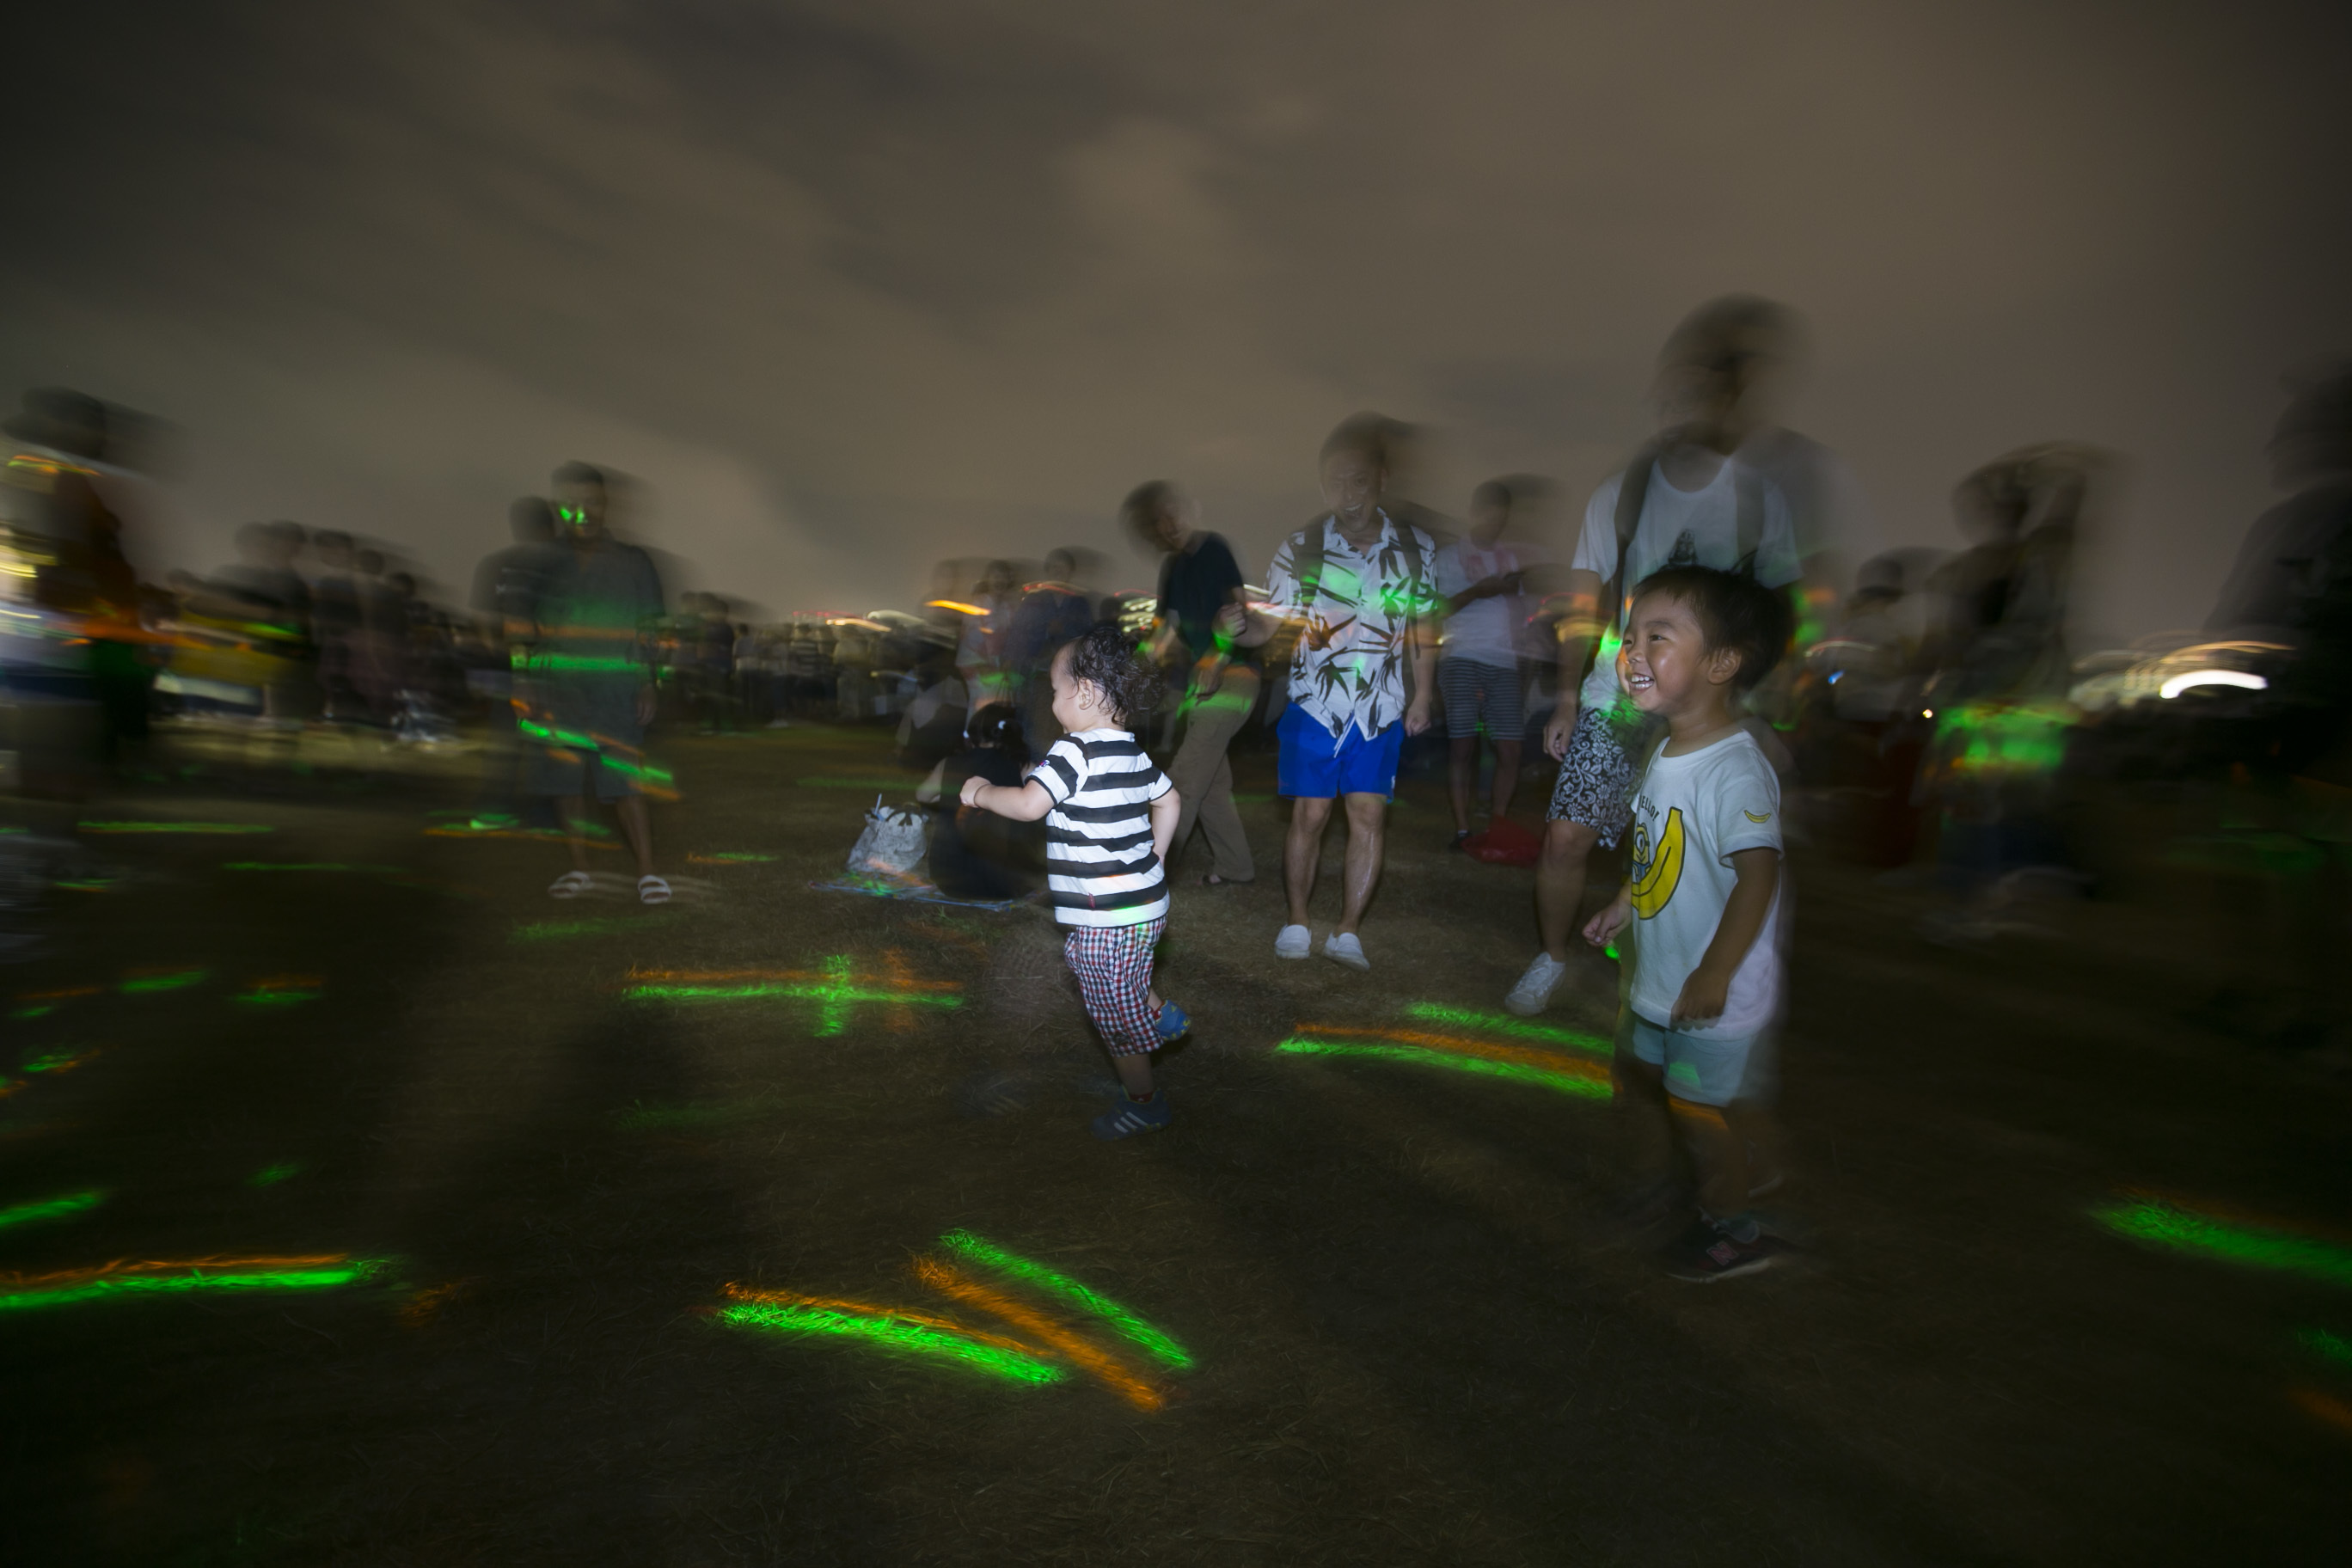 音楽に合わせて踊る子供ダンサー